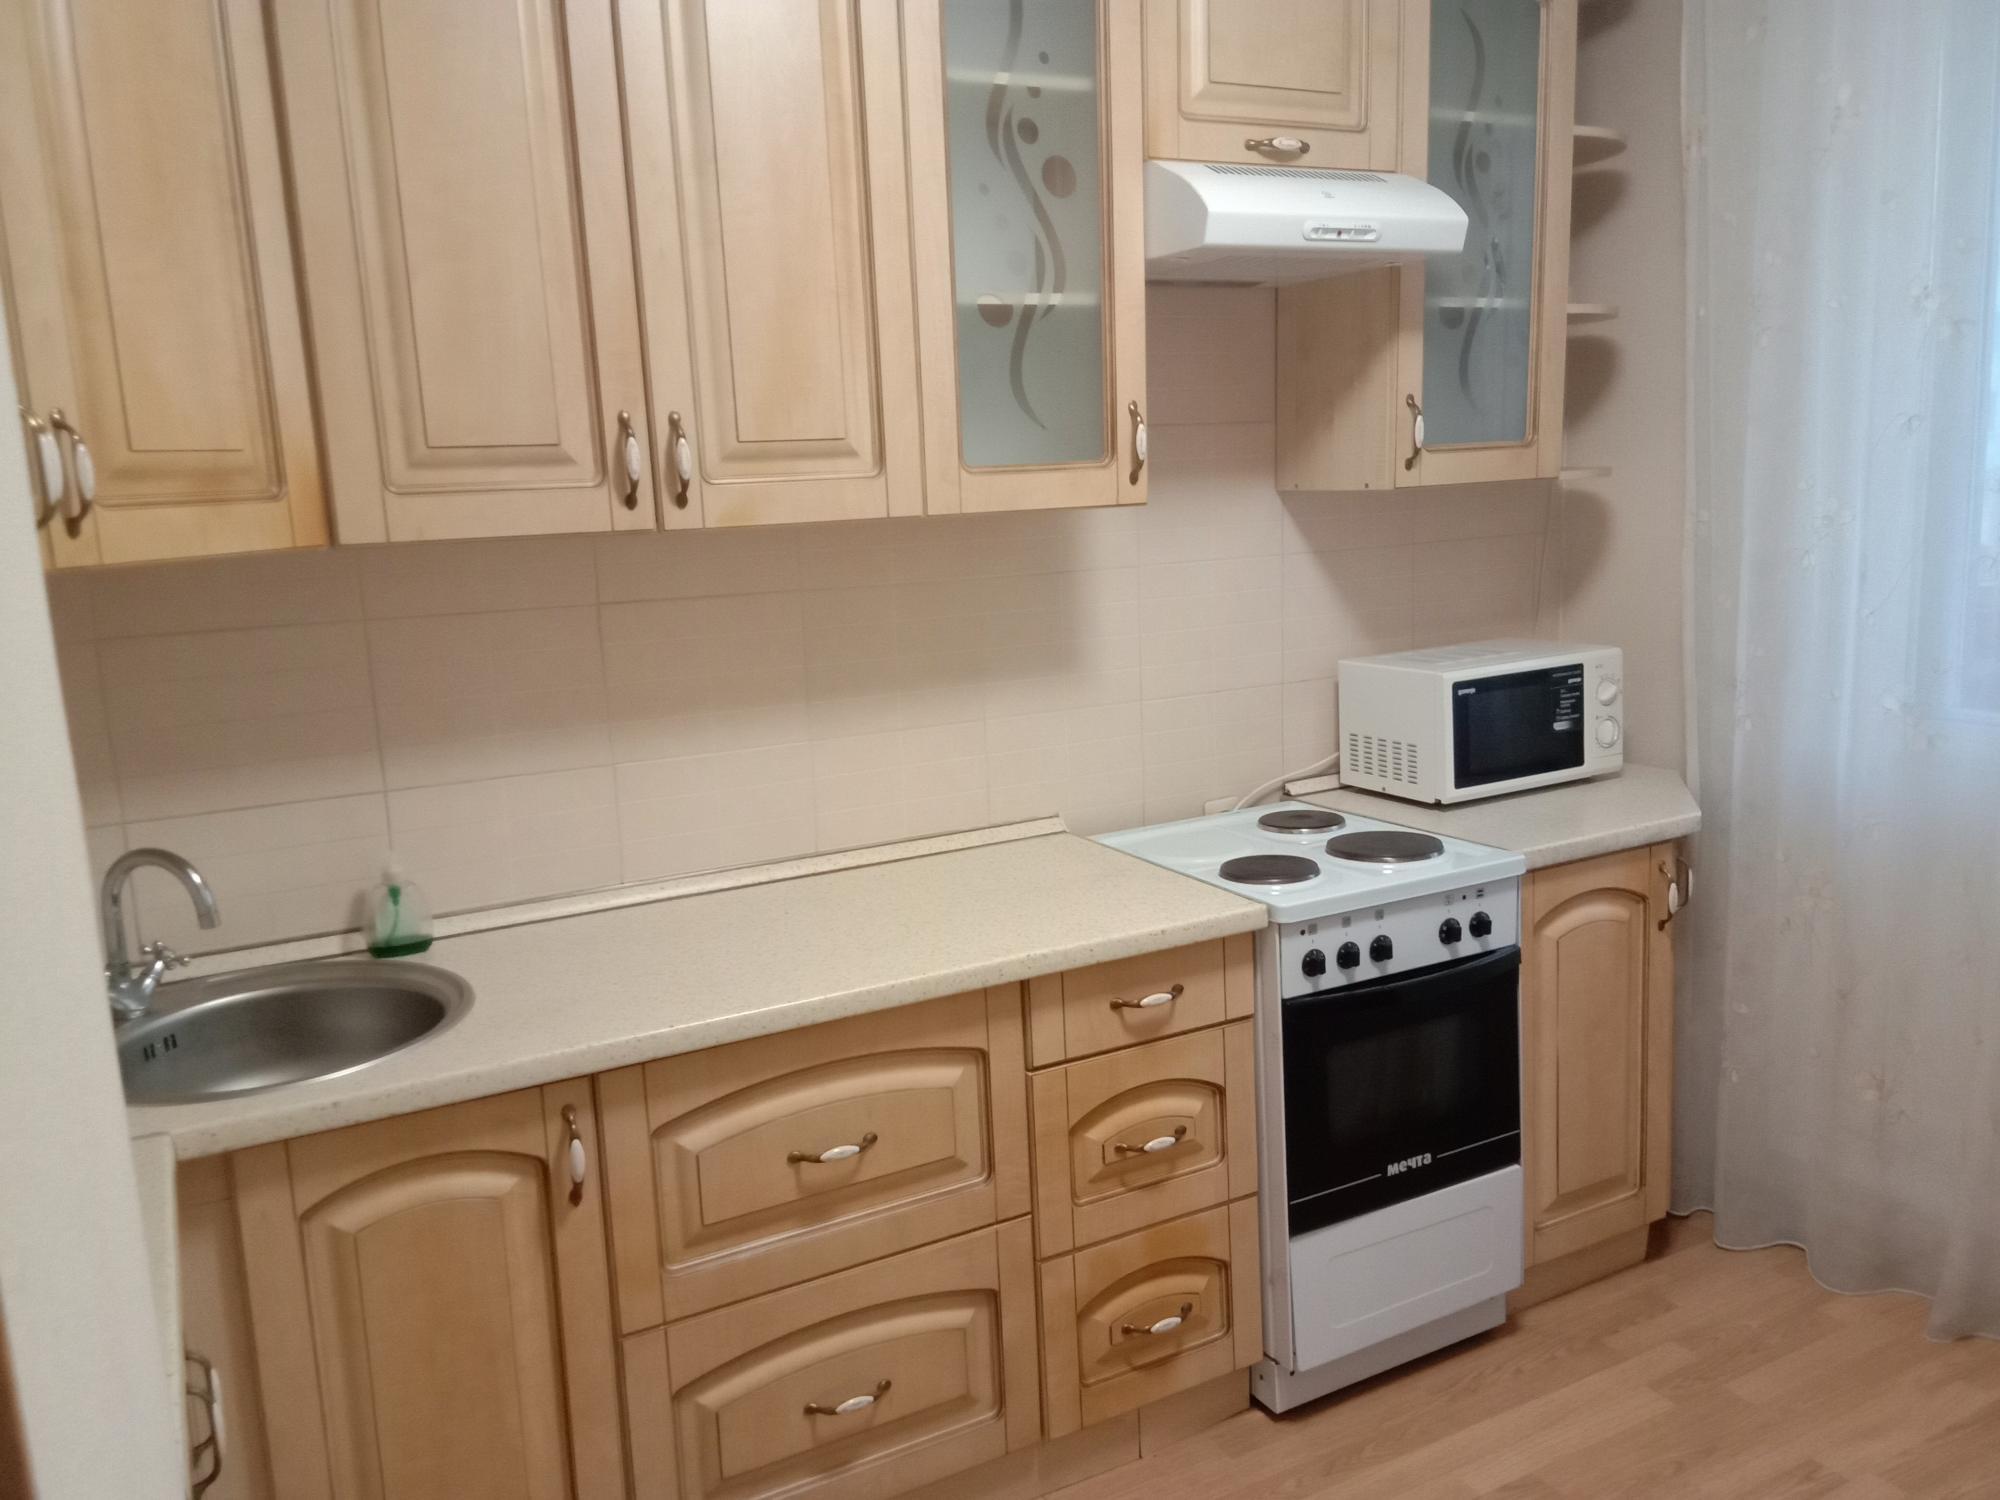 Квартира, 1 комната, 43.2 м² в Балашихе 89258773124 купить 3